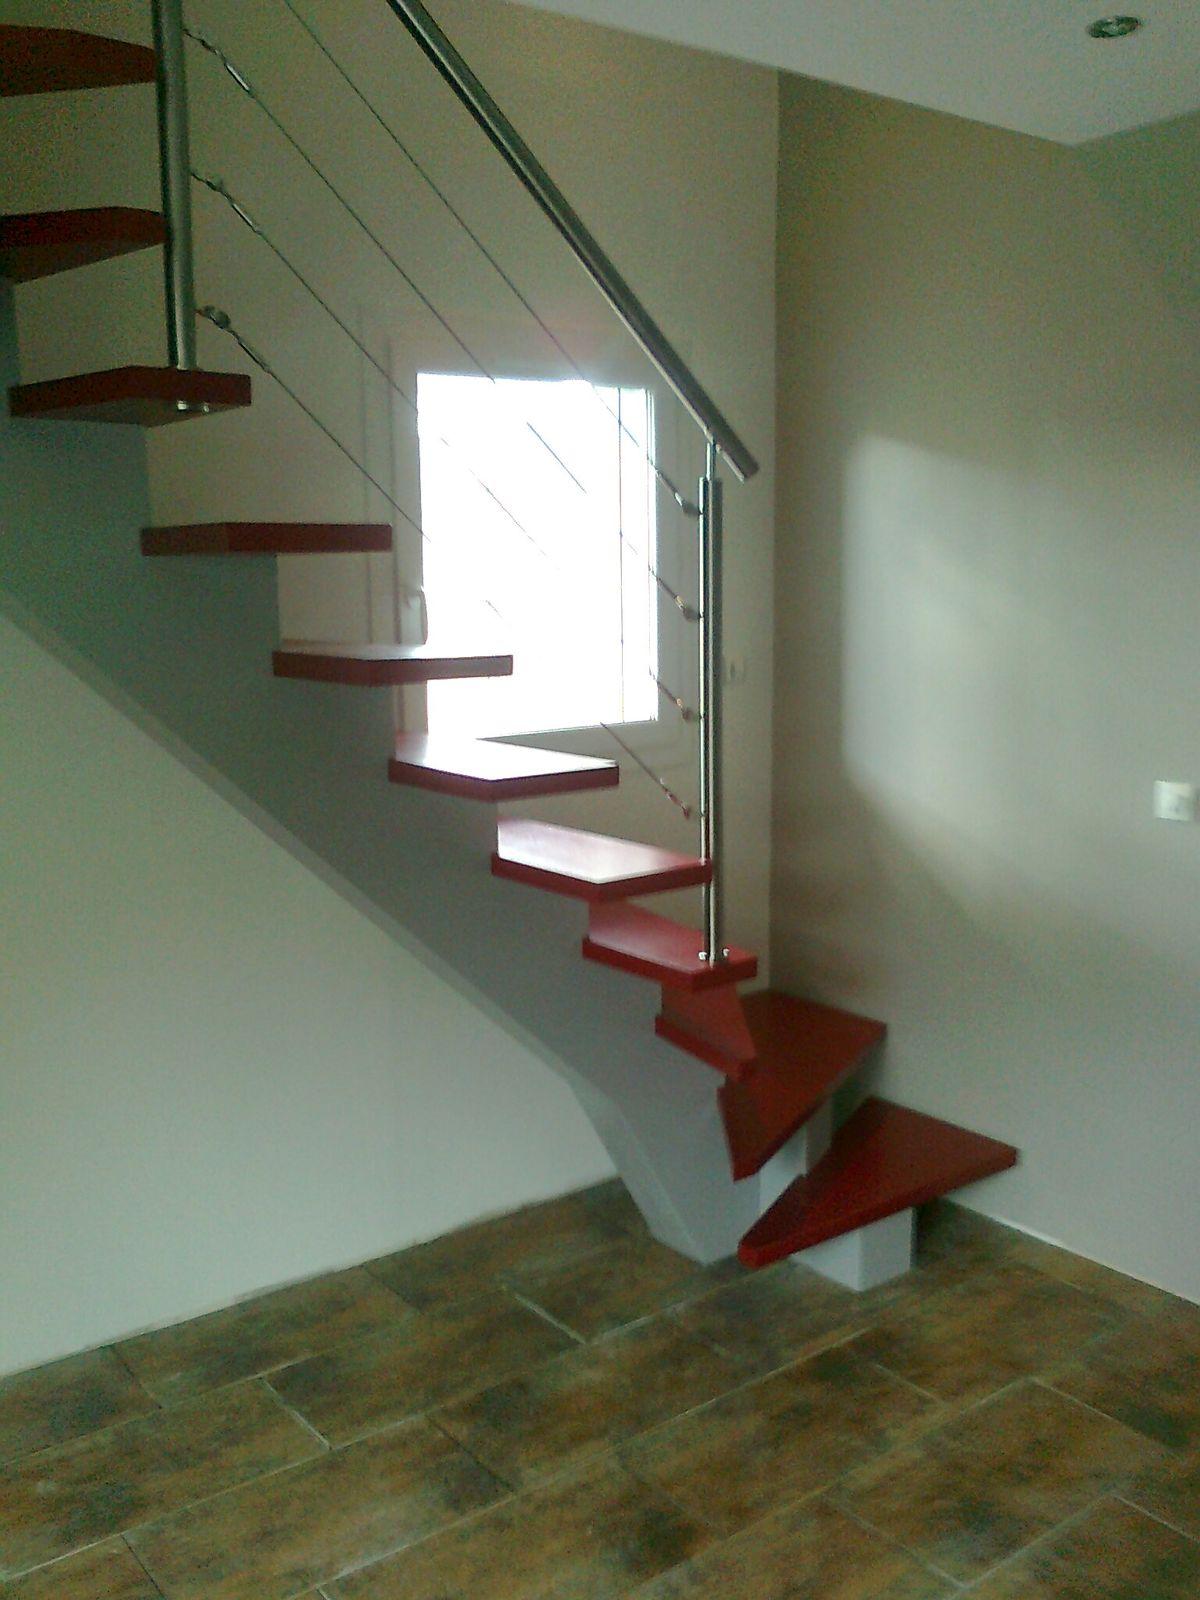 escalier limon central lapeyre escalier helicoidale u la rochelle u faire surprenant escalier. Black Bedroom Furniture Sets. Home Design Ideas